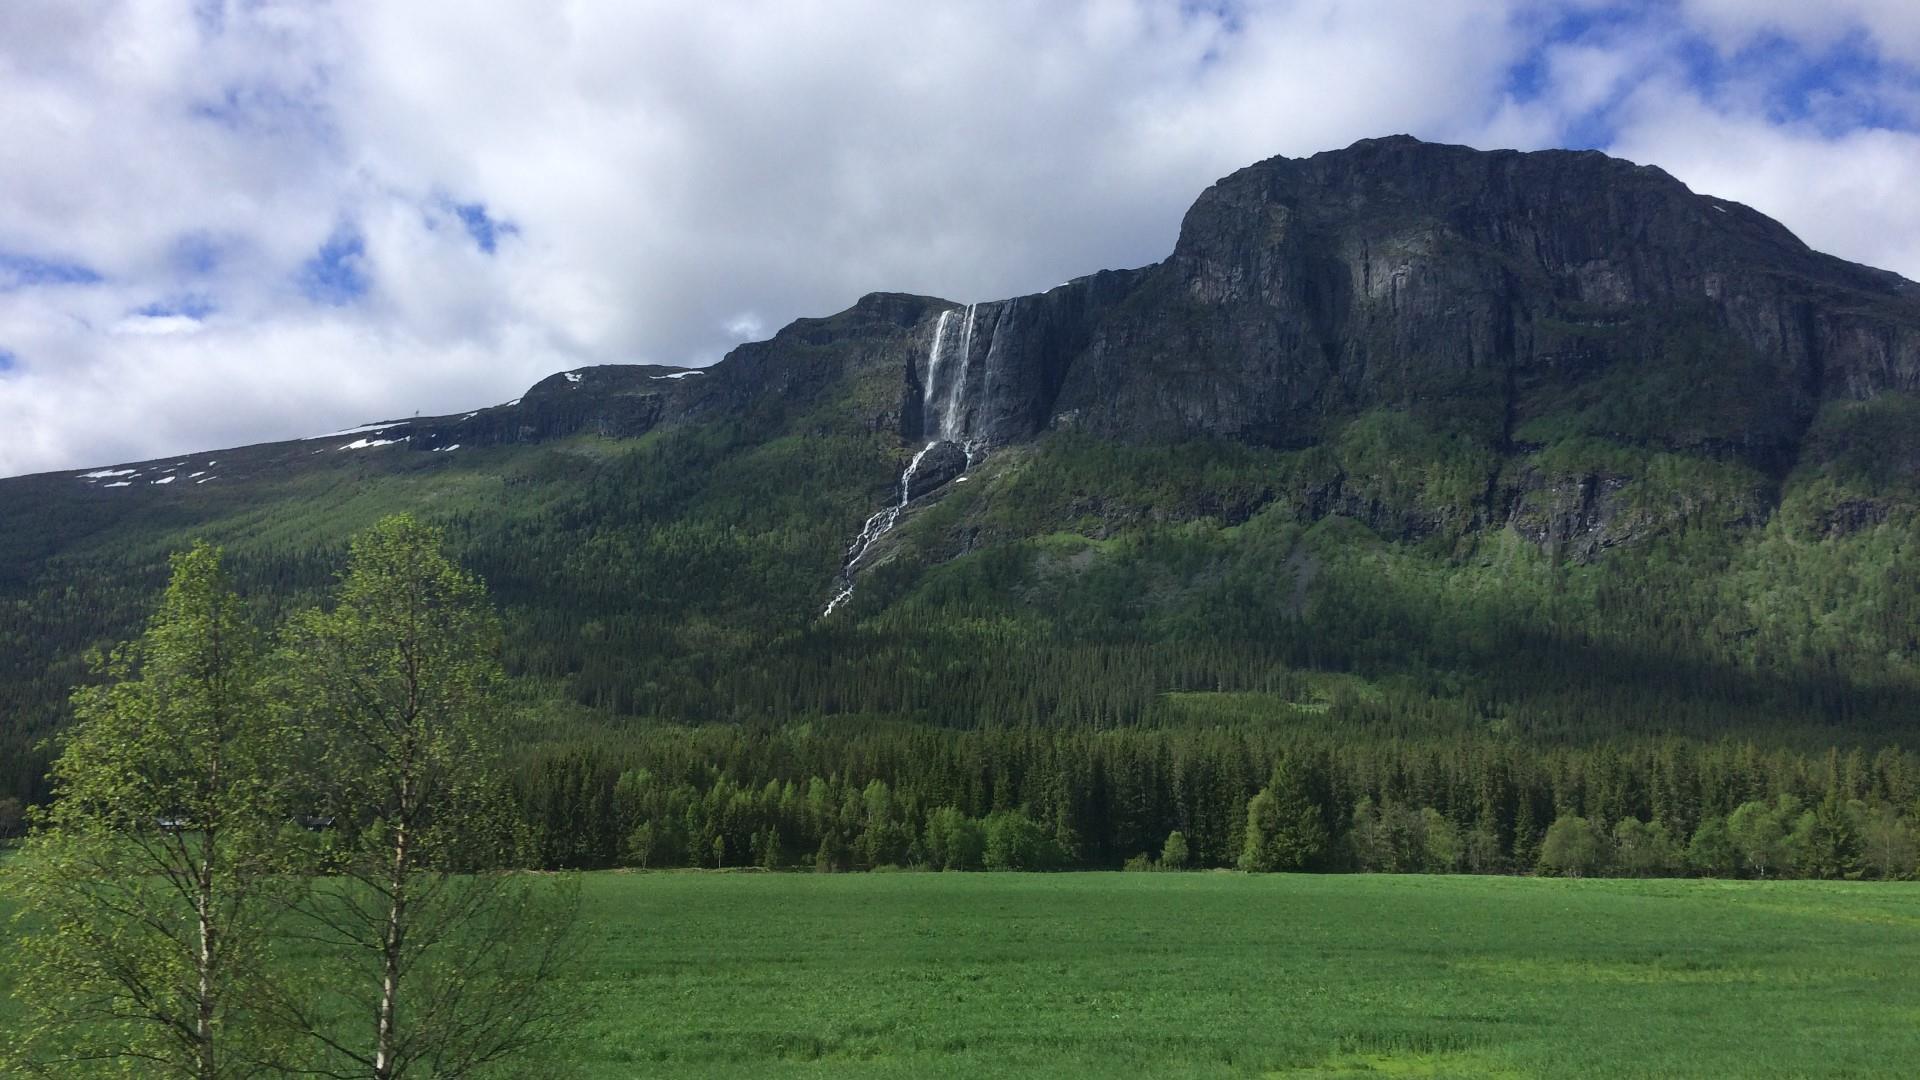 Huge waterfall in Norway wallpaper